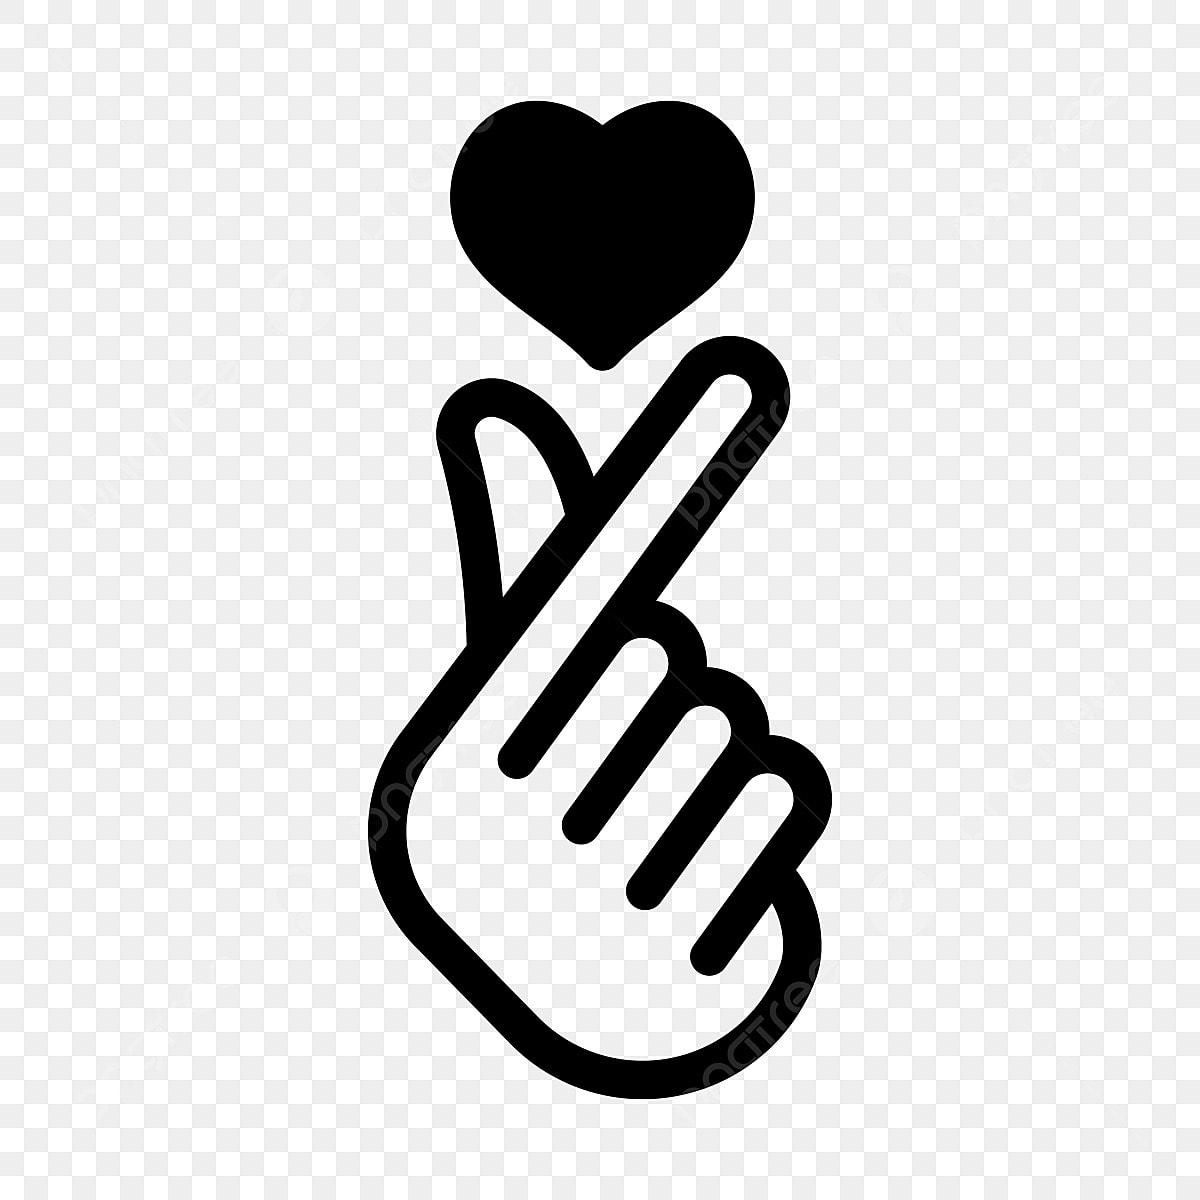 Gambar Simbol Cinta Korea Ikon Cinta Ikon Simbol Pakaian Png Dan Vektor Untuk Muat Turun Percuma